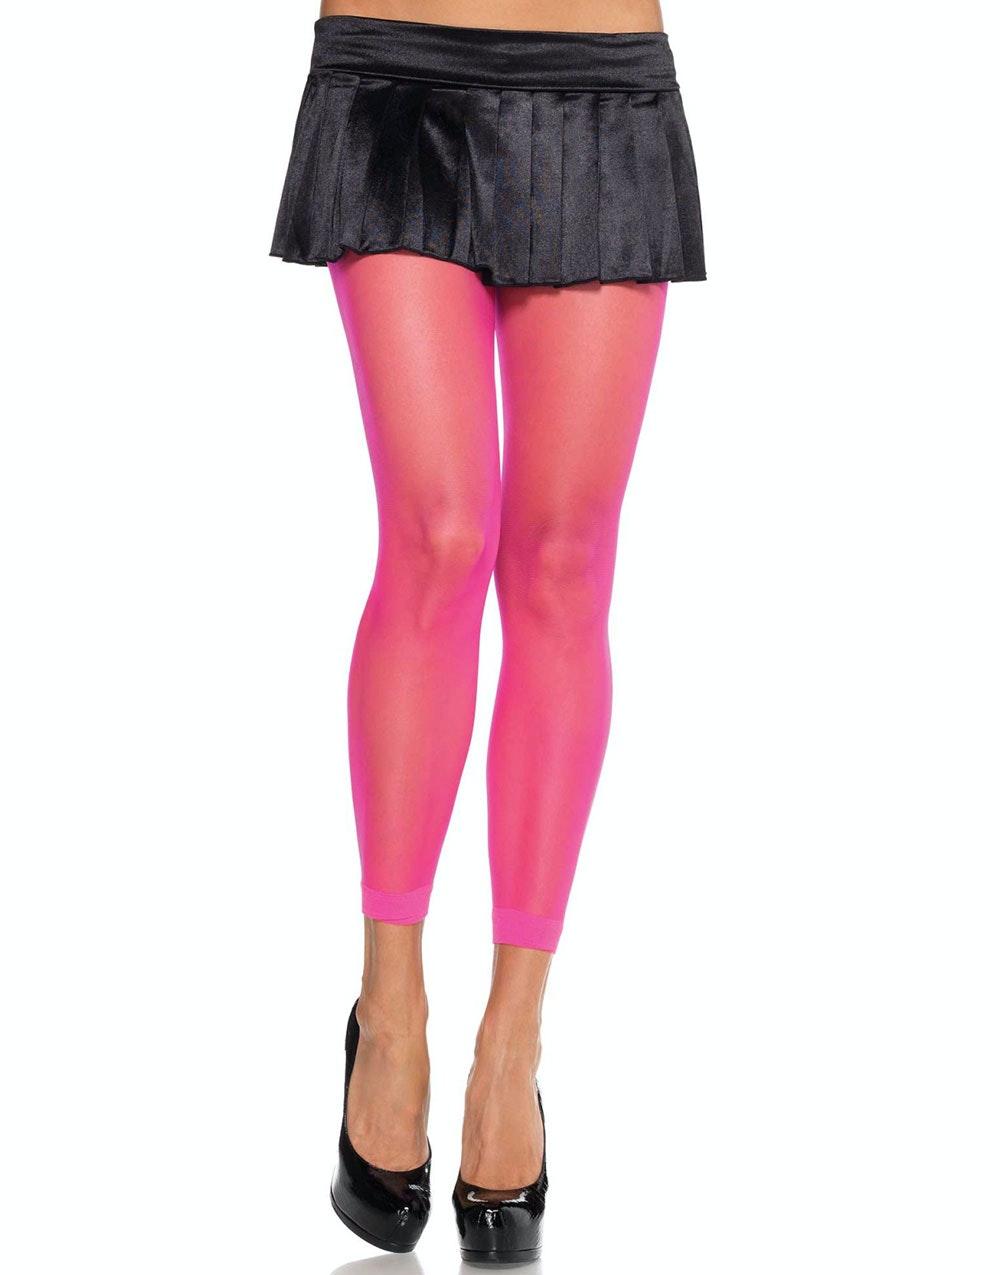 latex leggings genomskinliga kalsonger